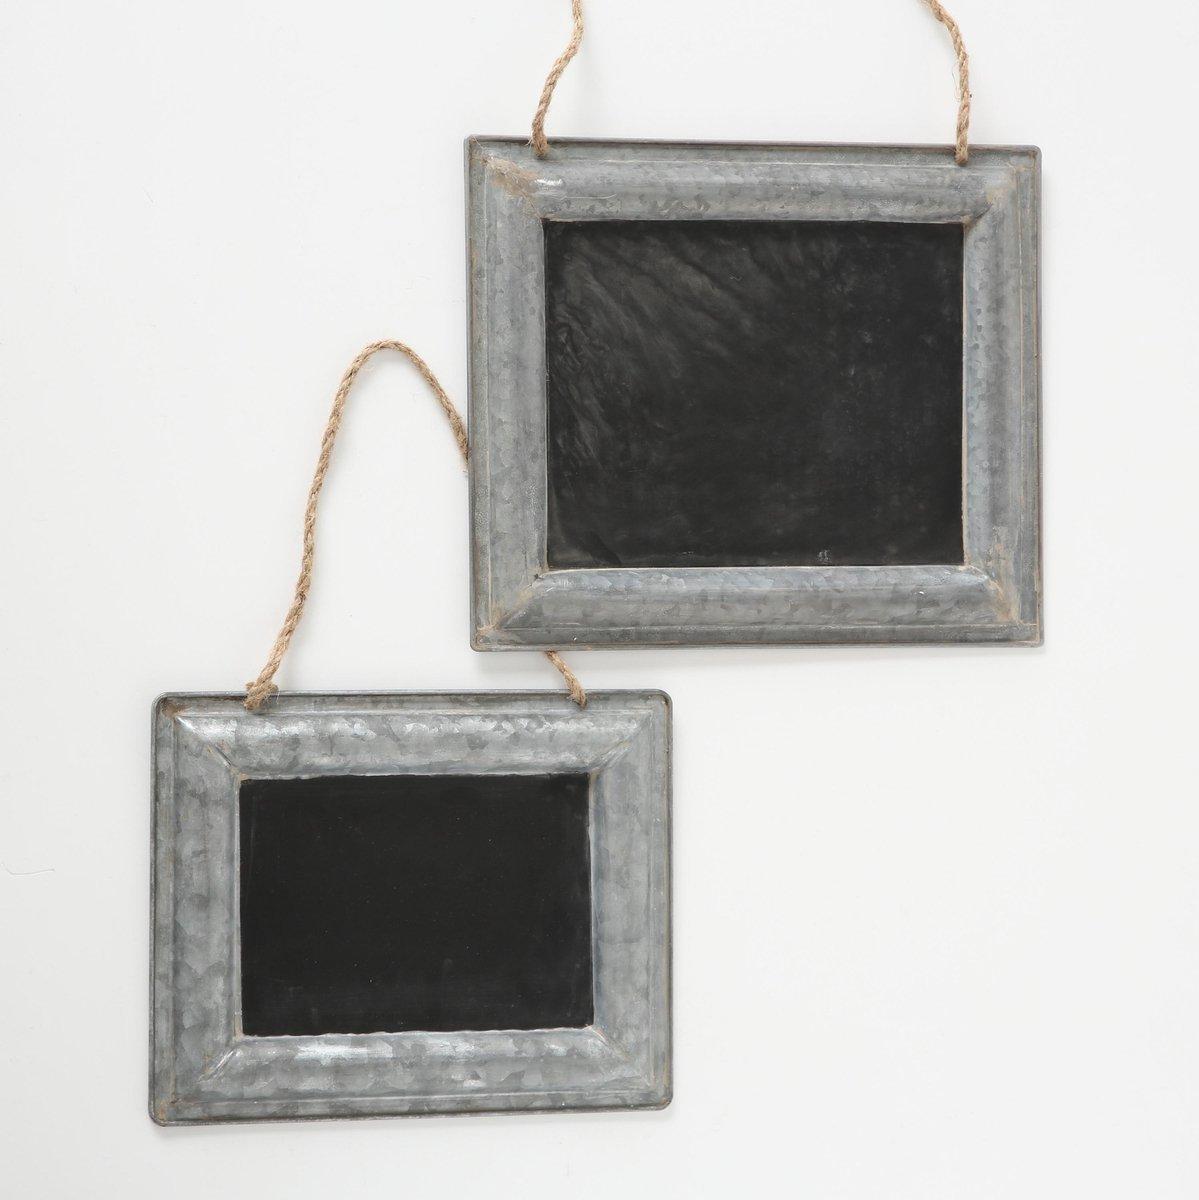 Merkloos / Sans marque Zinken krijtbord/memobord set van 2 stuks Takenlijst bordjes Boodschappenlijstje Woondecoraties Wanddecoratie/muurdecoratie online kopen